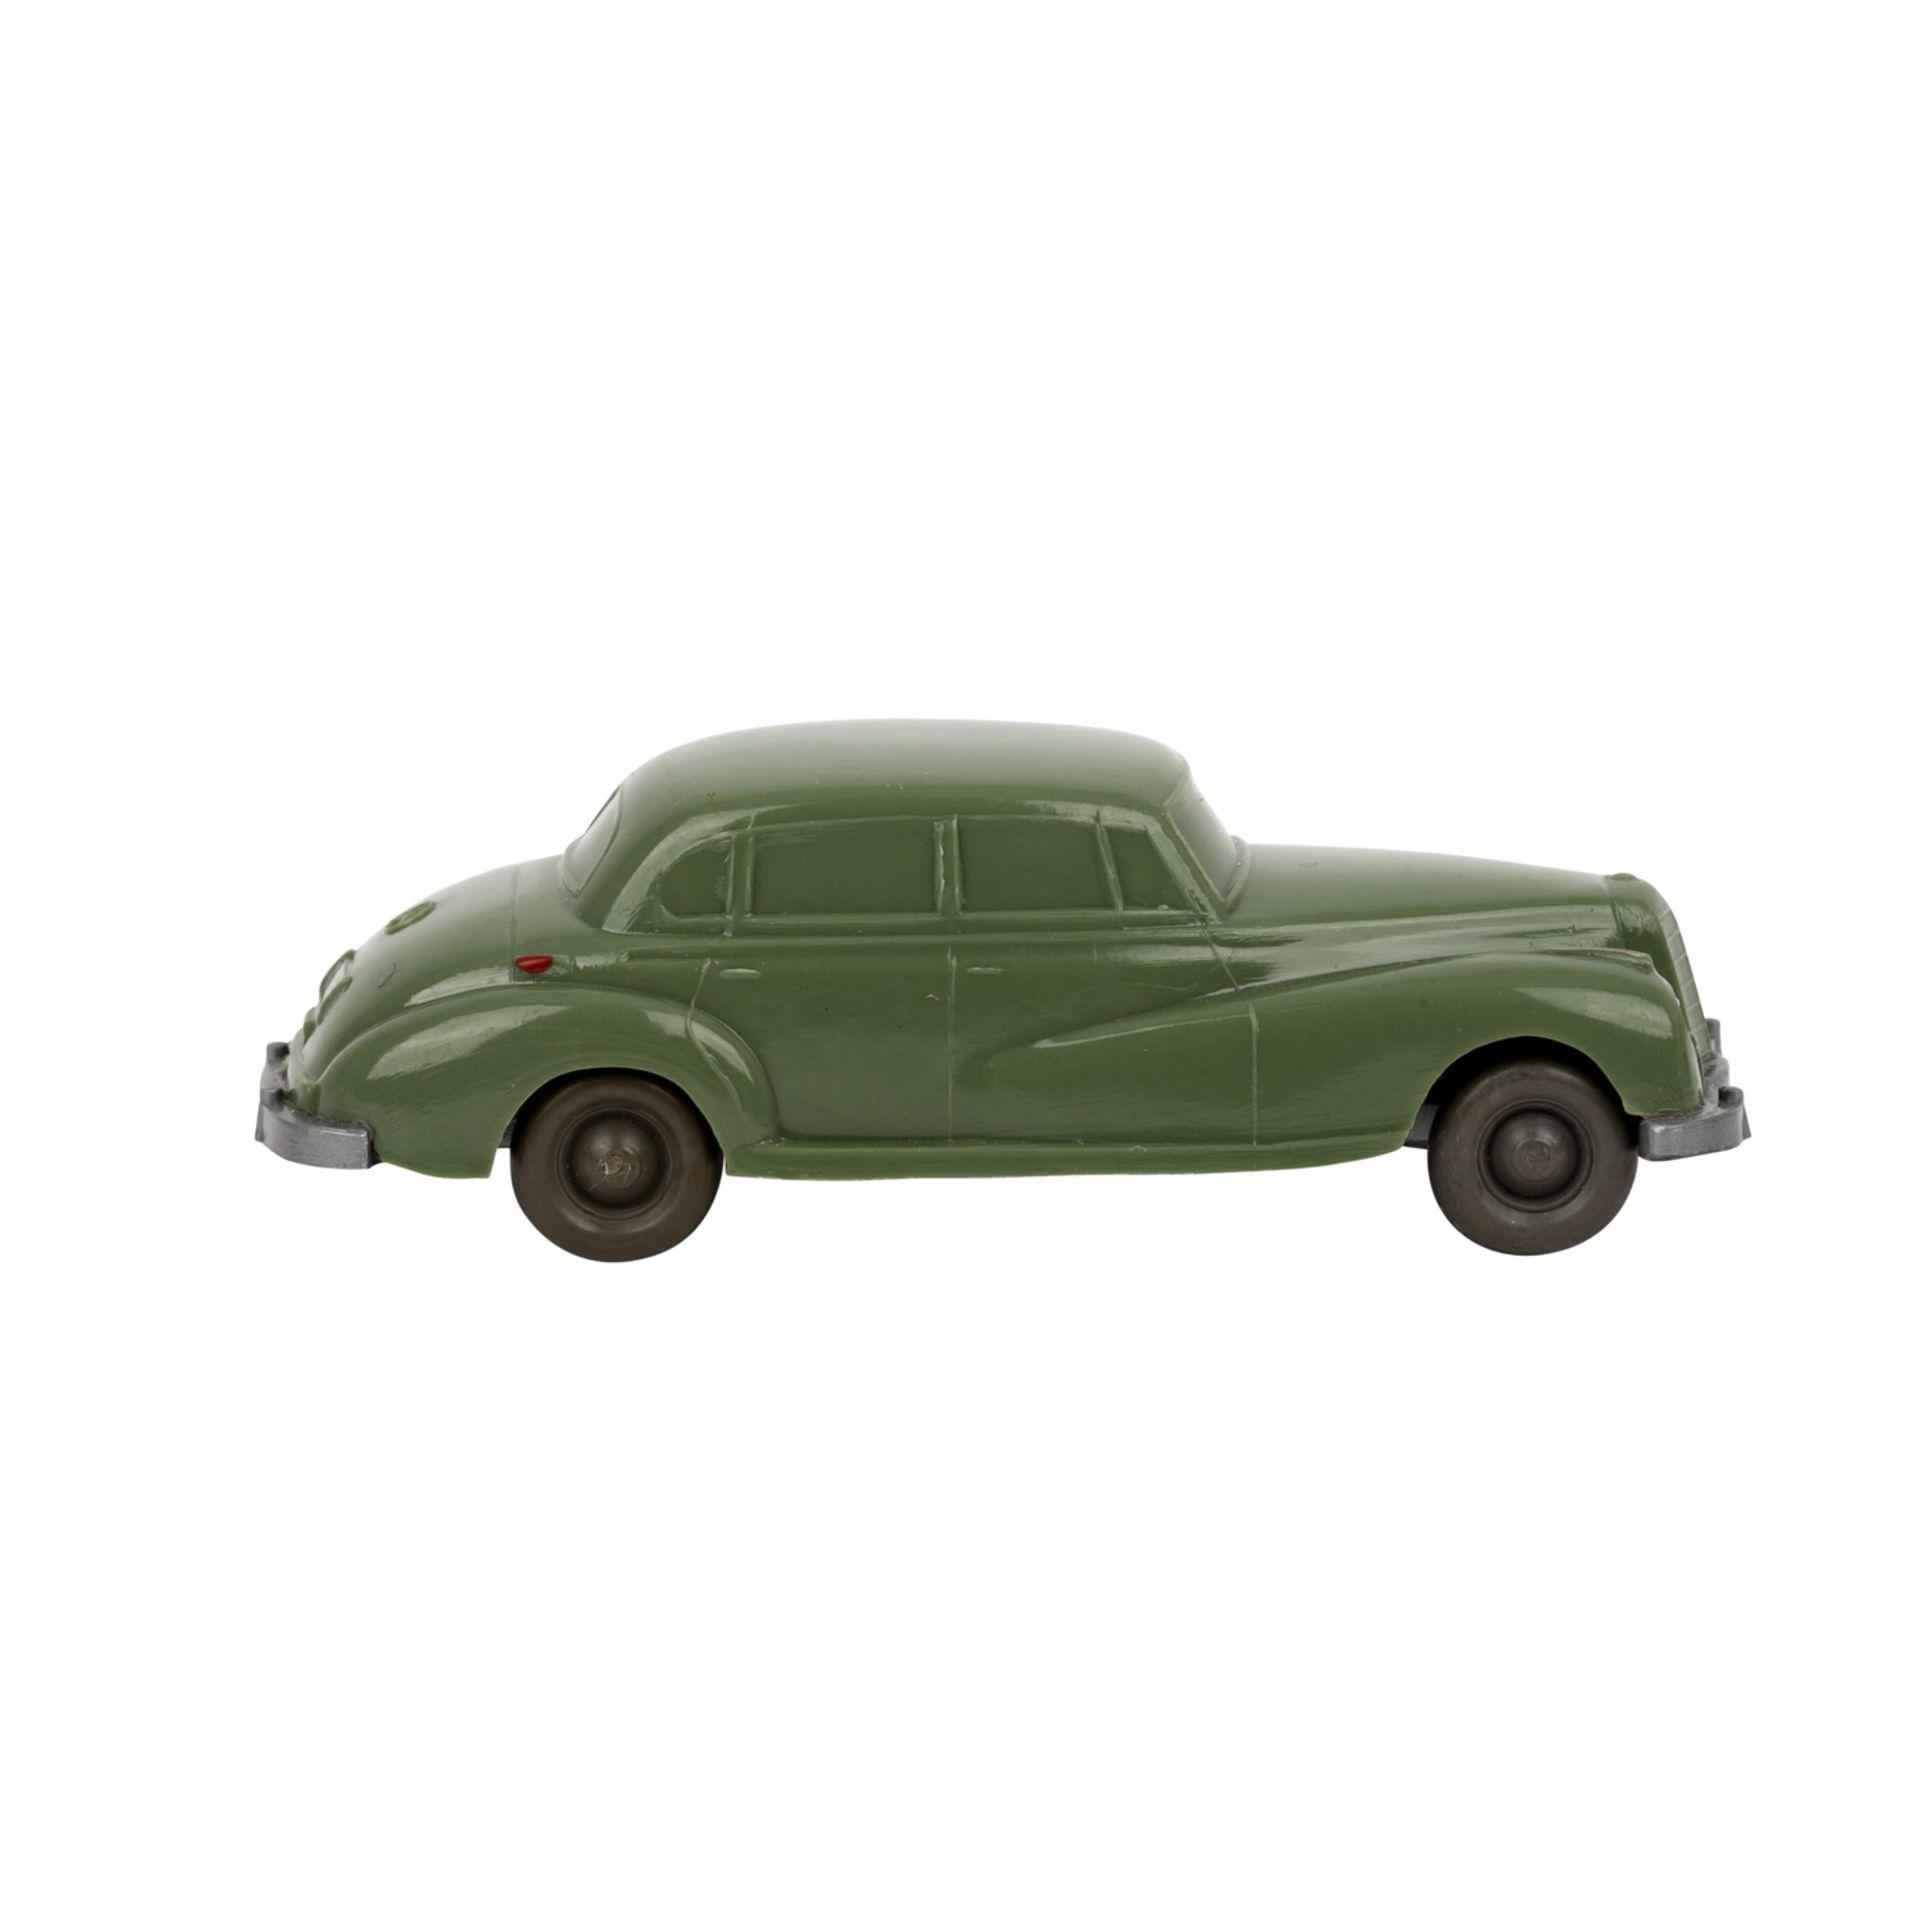 WIKING Mercedes 300, 1955-59,unverglaster Rollachser, resedagrüne Karosserie, Bodenpr - Image 4 of 5